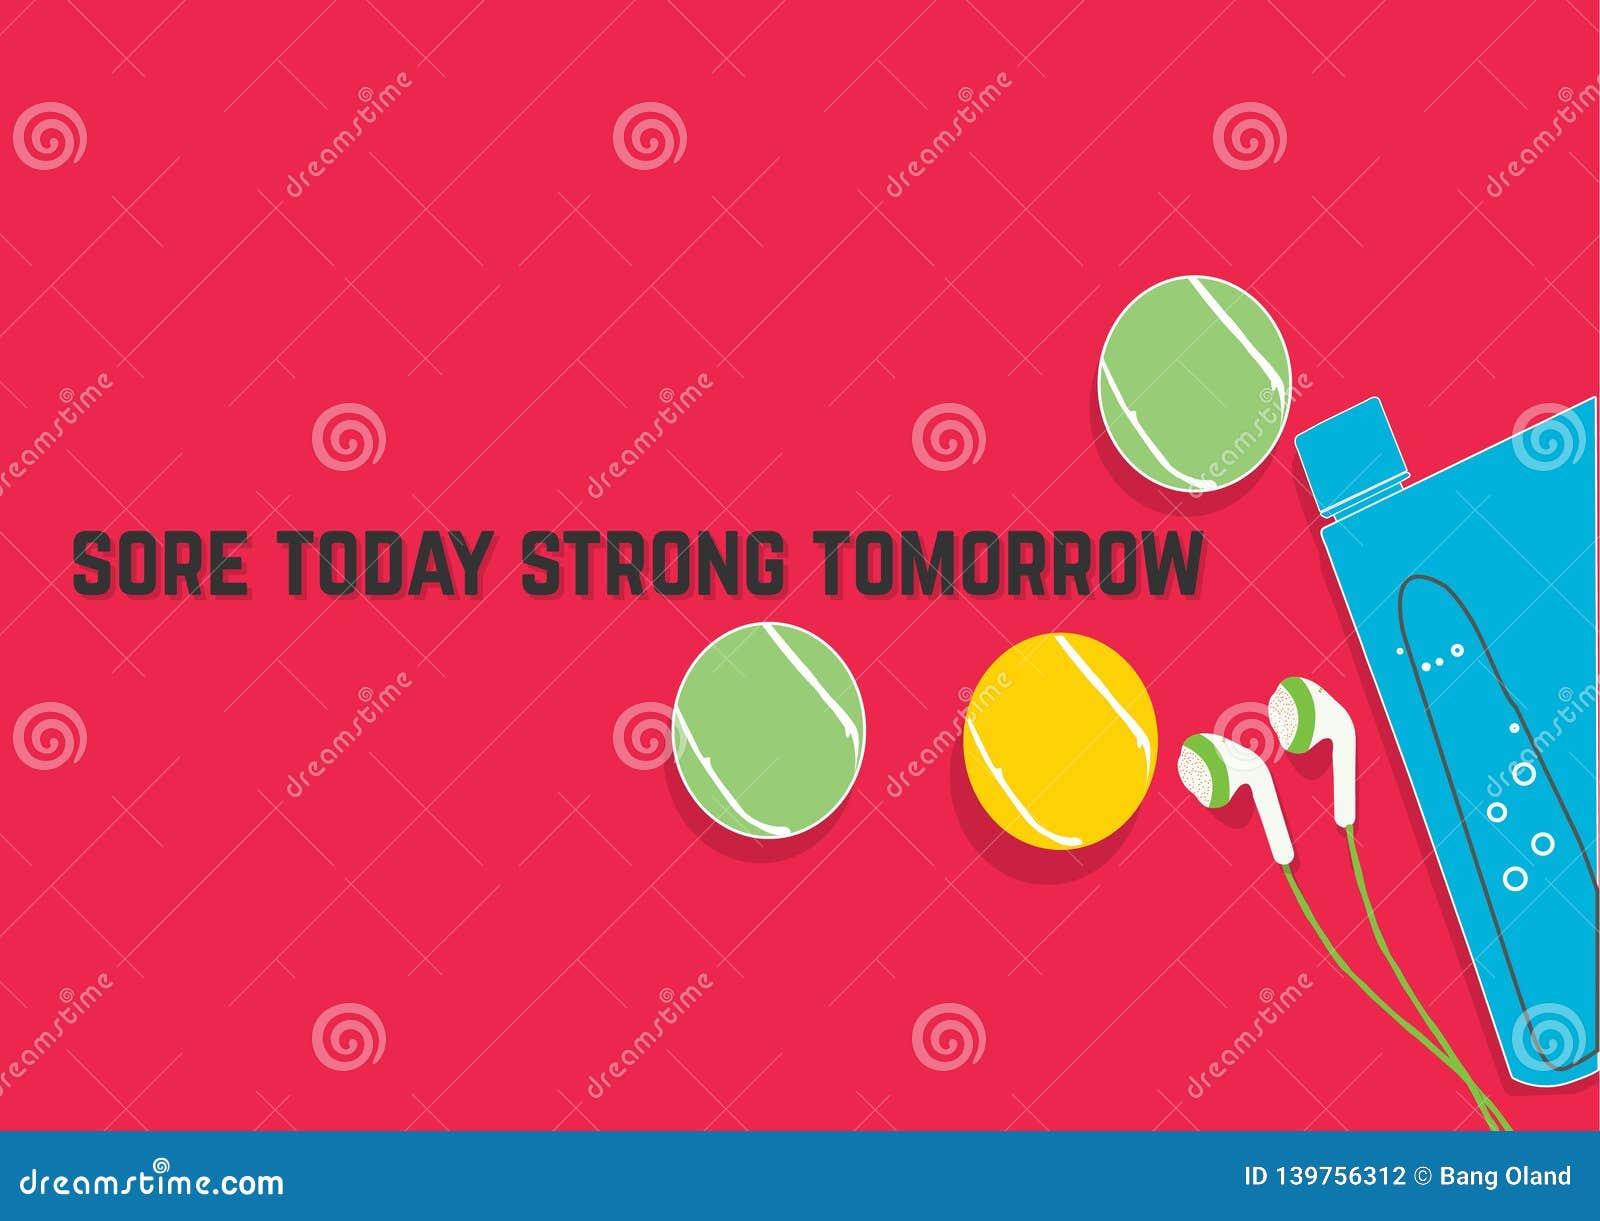 Blessure Aujourd Hui Forte Demain Citations De Motivation De